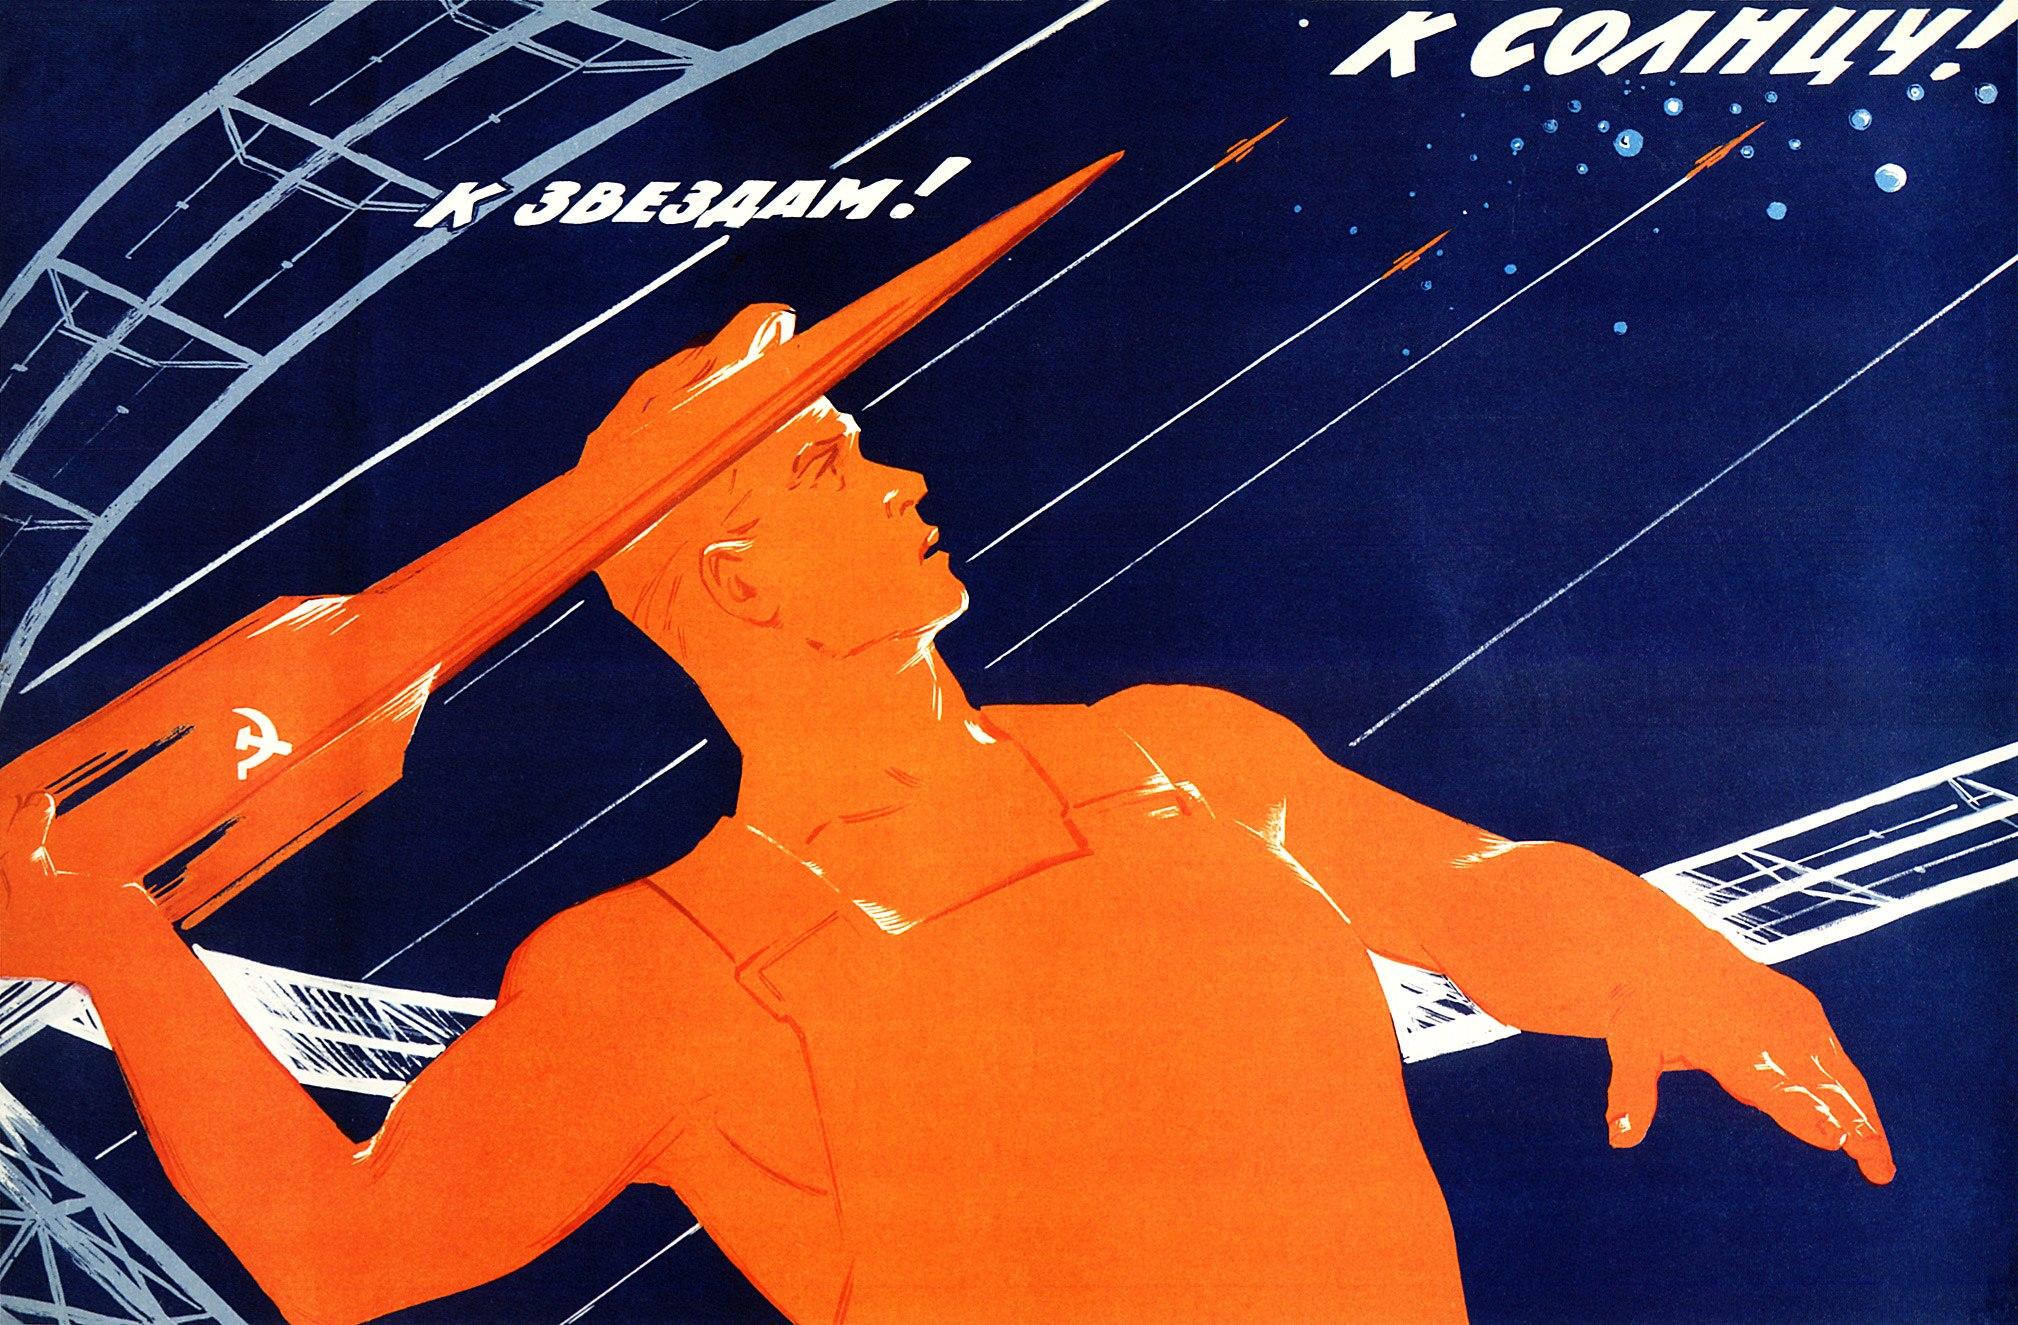 многие друзья советские картинки о мечте мотиваторы фетру